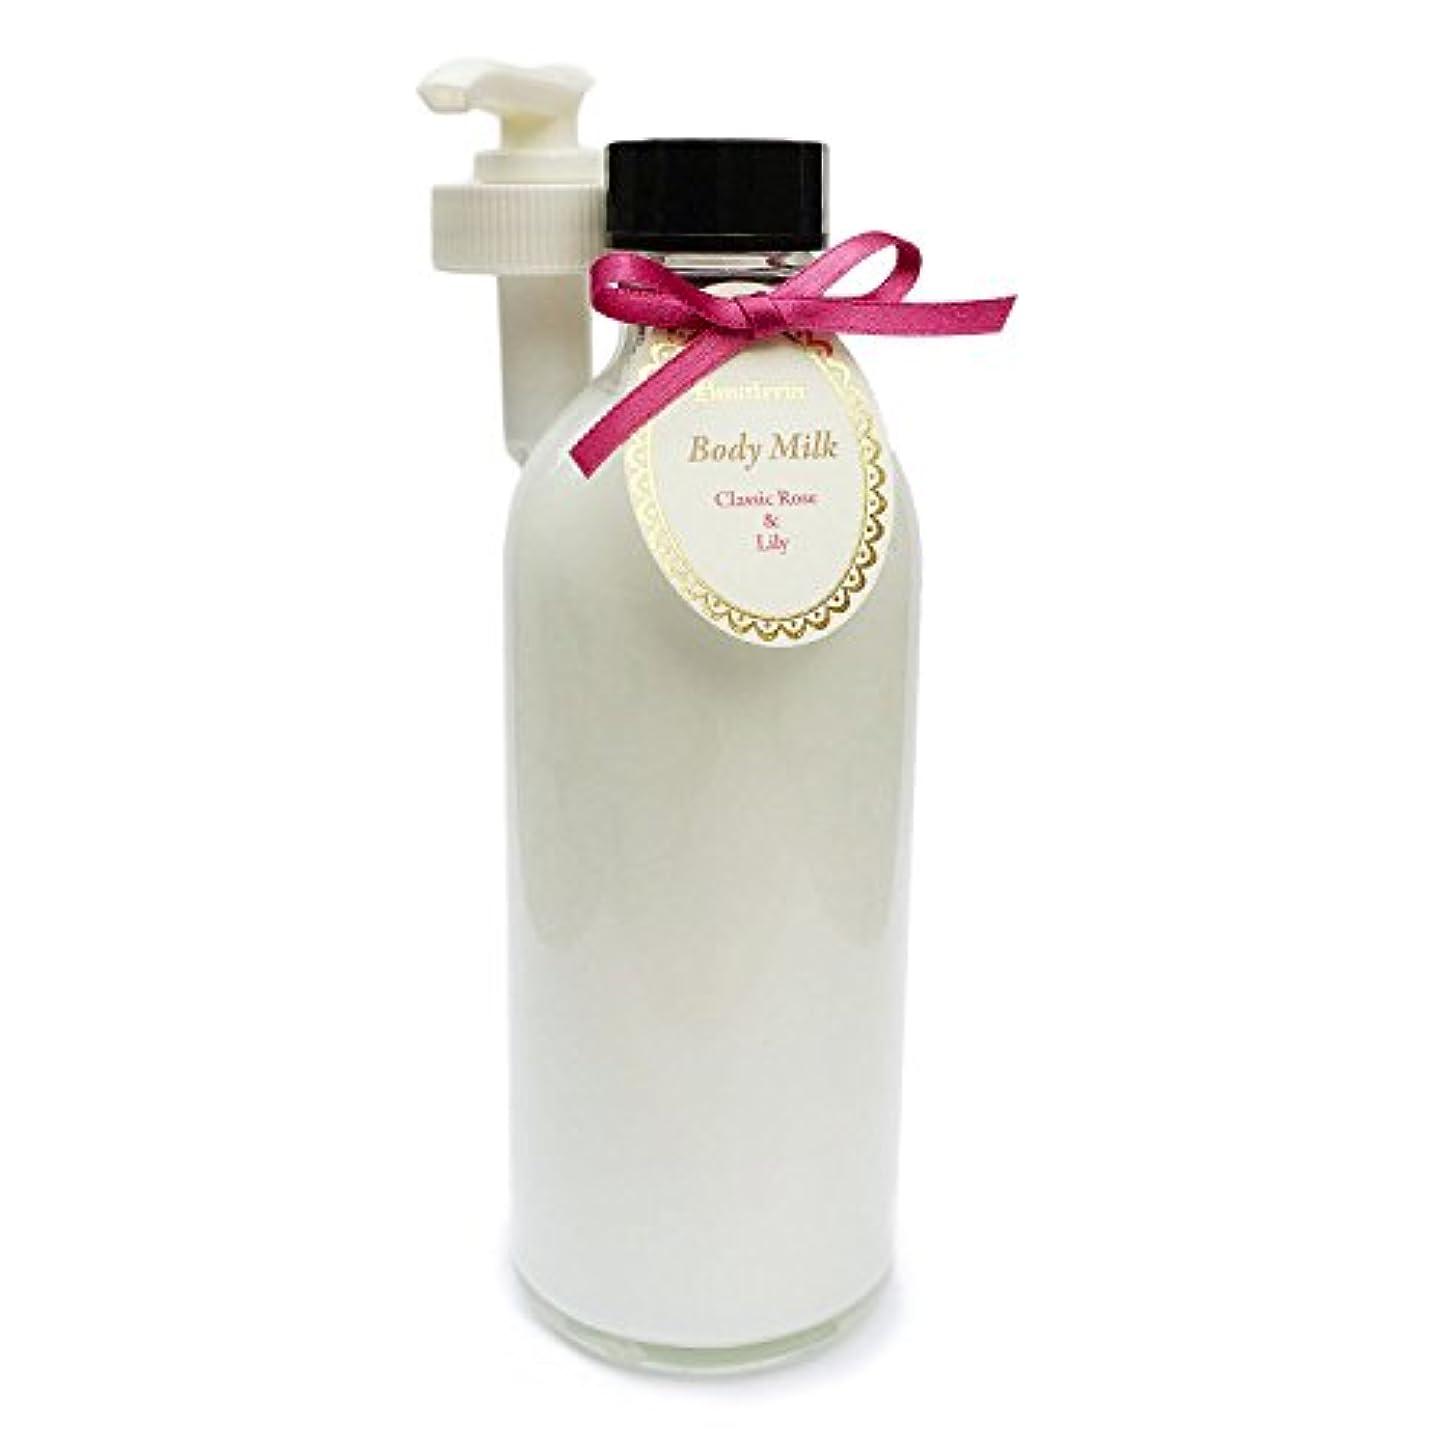 ビザ森林前にD materia ボディミルク クラシックローズ&リリー Classic Rose&Lily Body Milk ディーマテリア